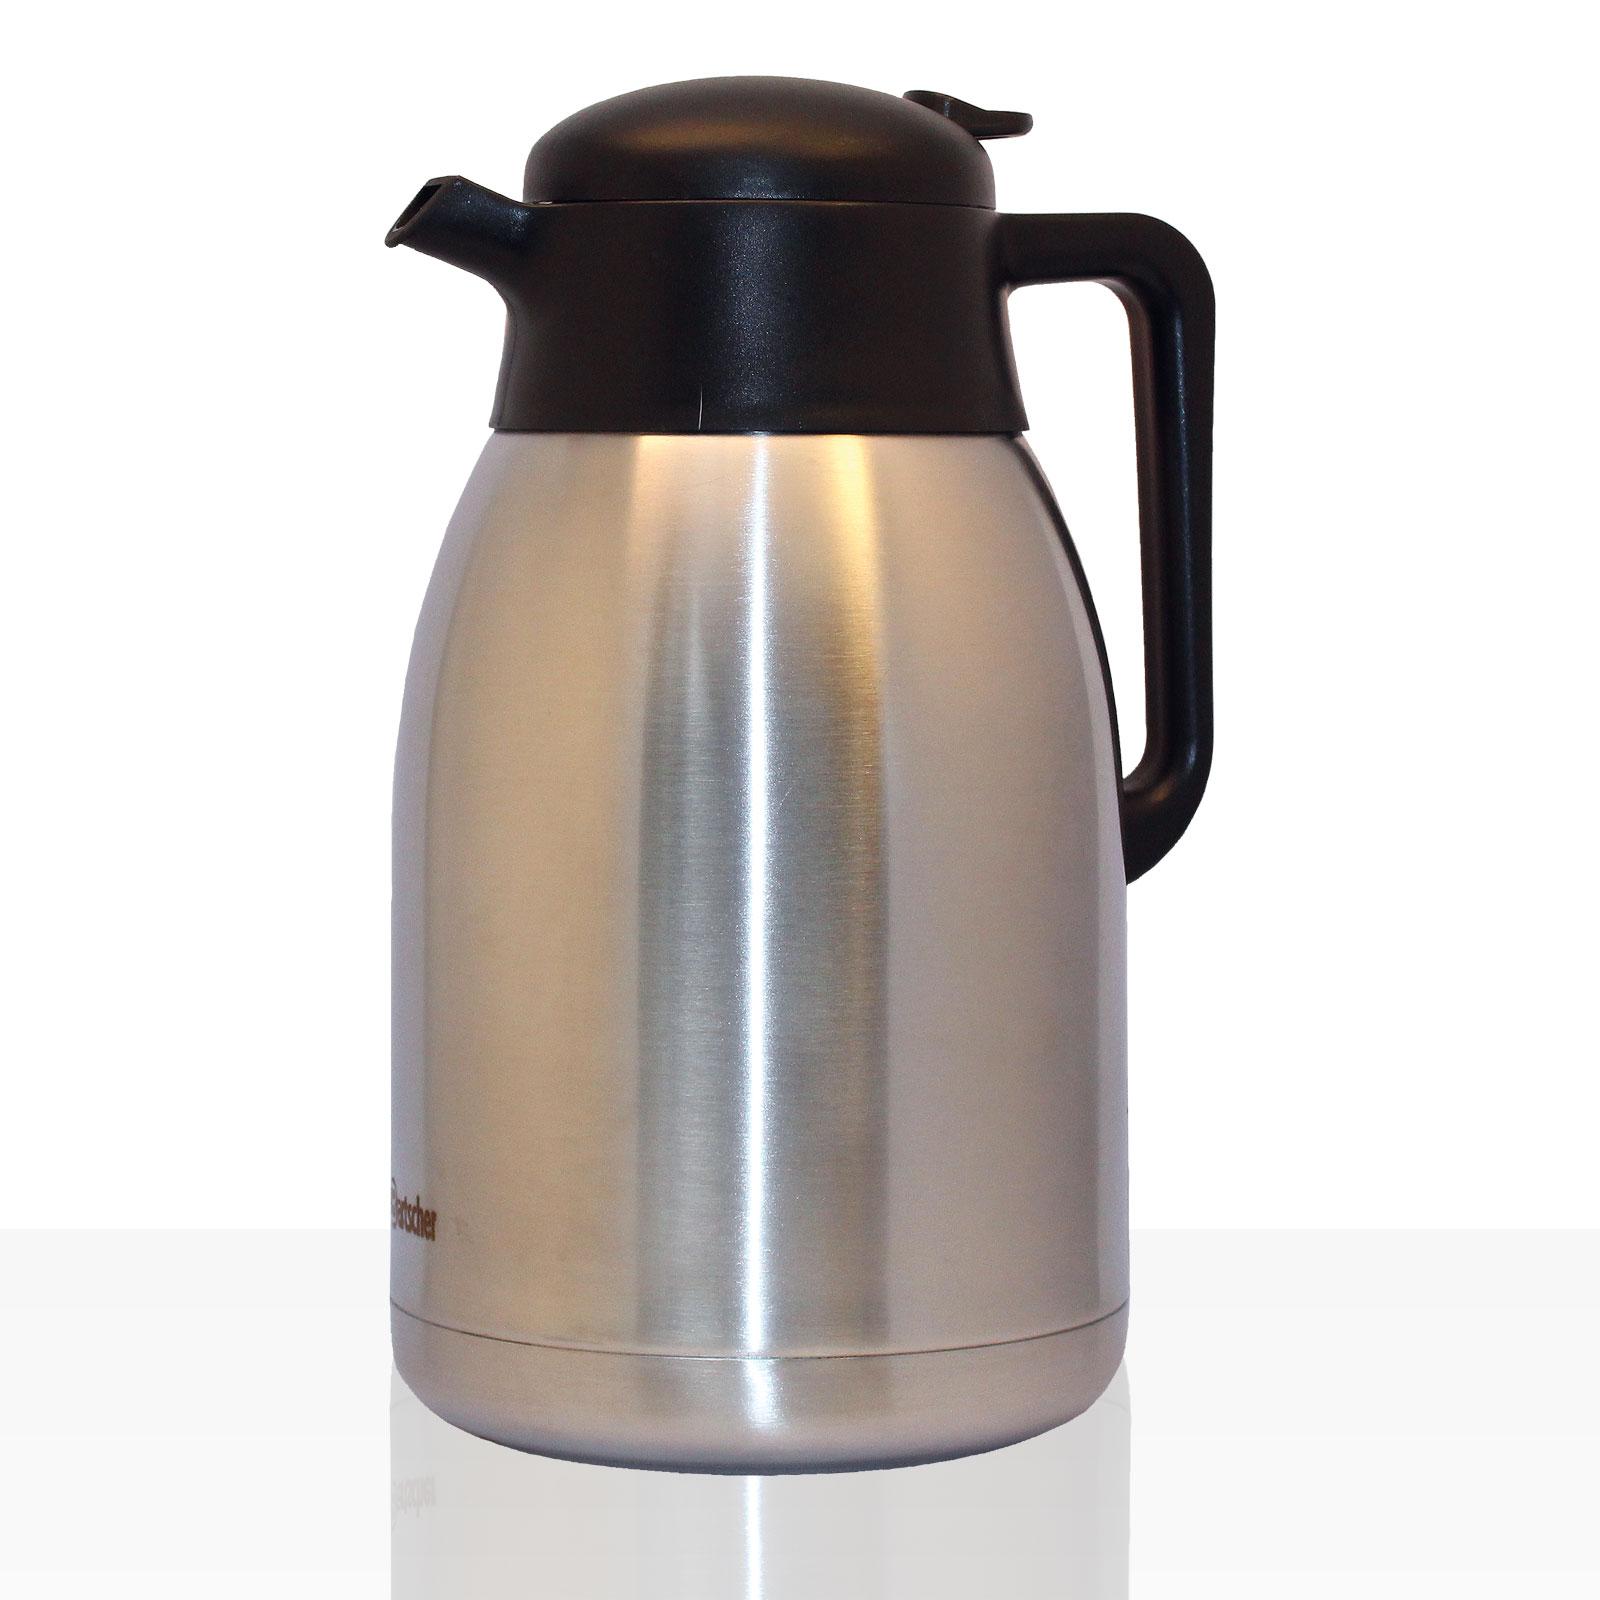 Bartscher Isolierkanne Edelstahl 2l, Kaffee-Kanne für zb Contessa 1002, Duo